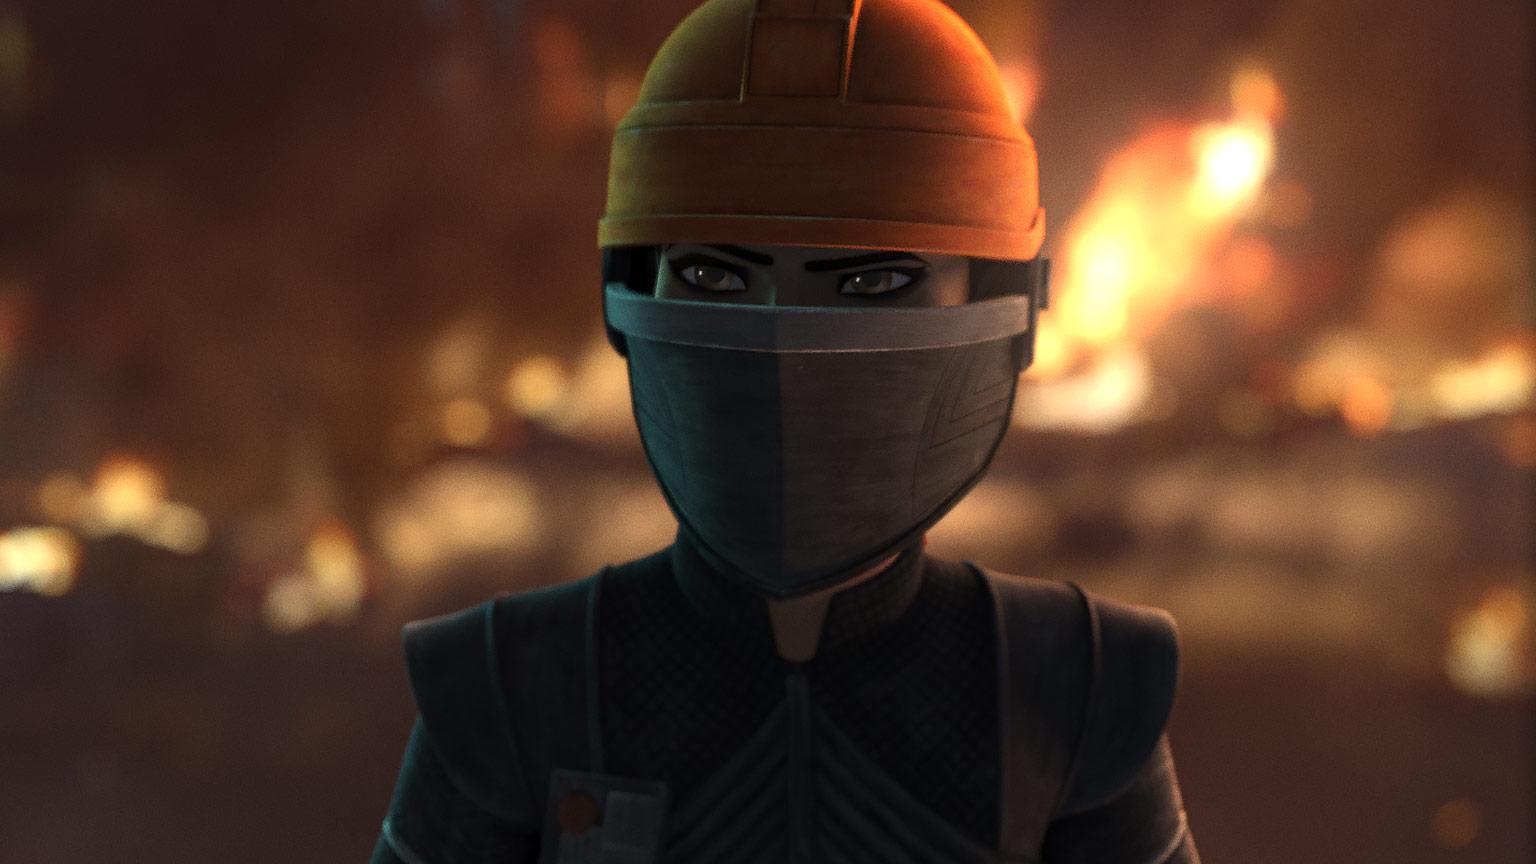 The Bad Batch Fennec Shand esplosione